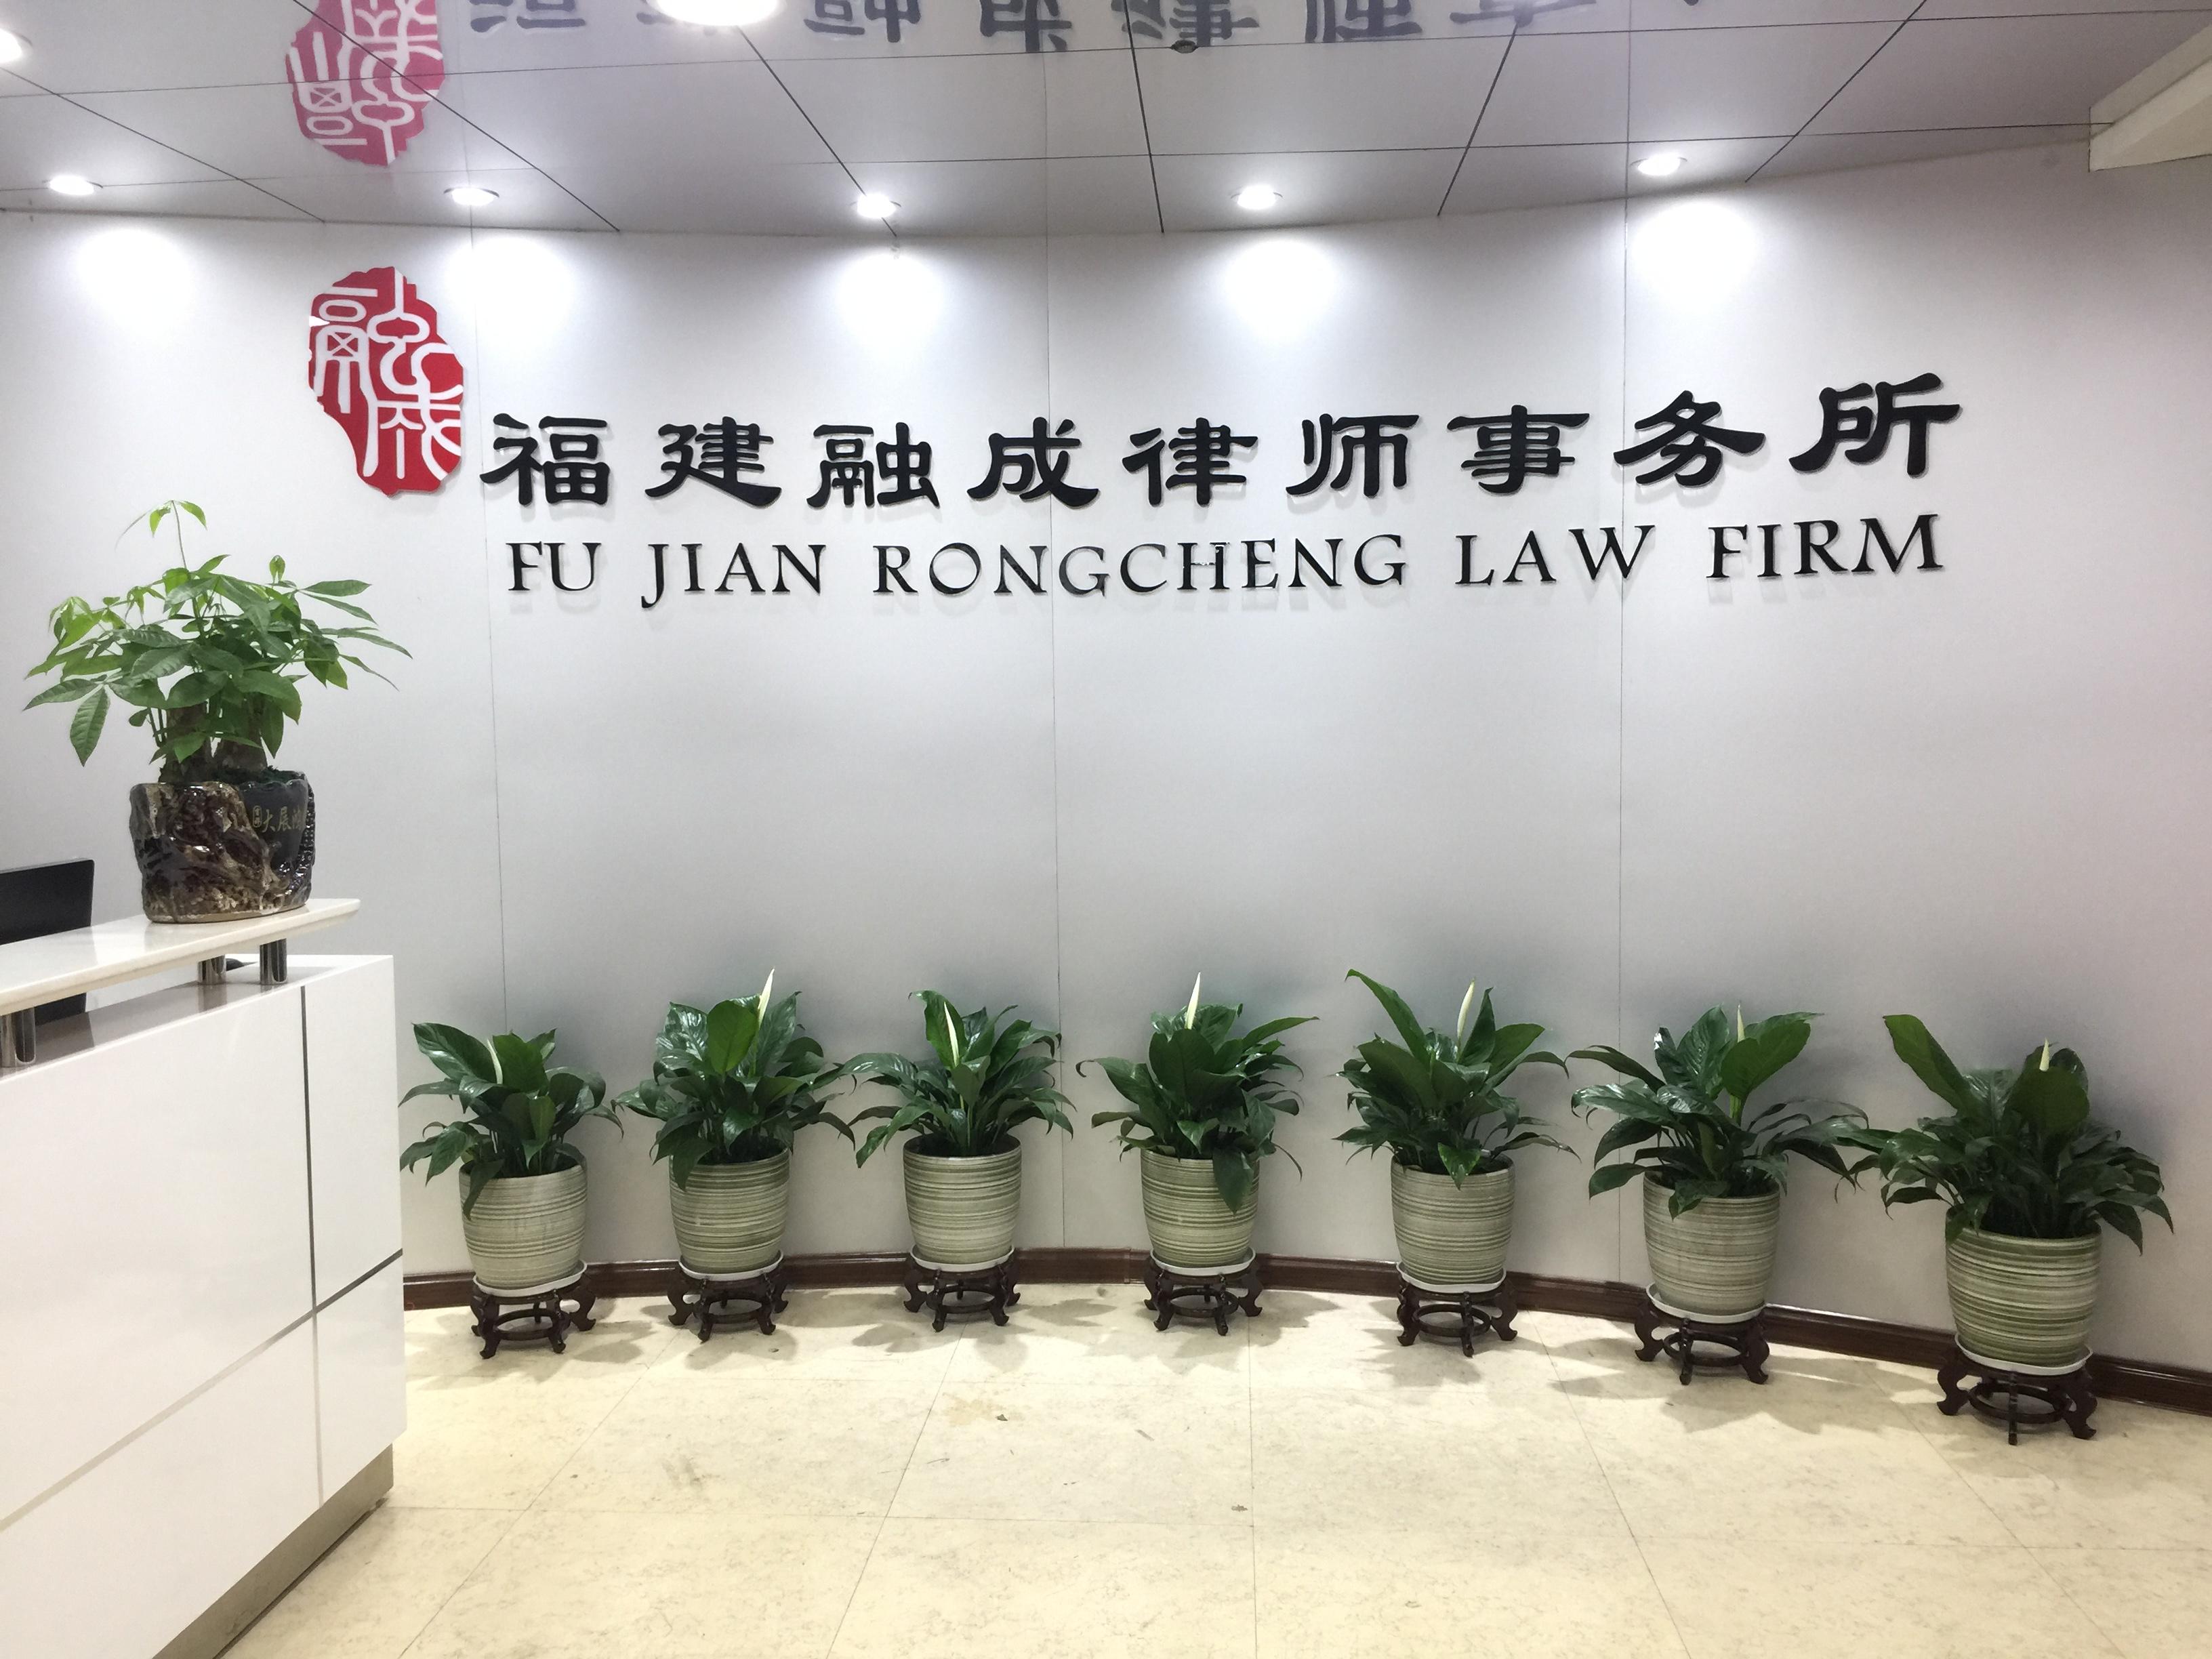 融成律师事务所正面